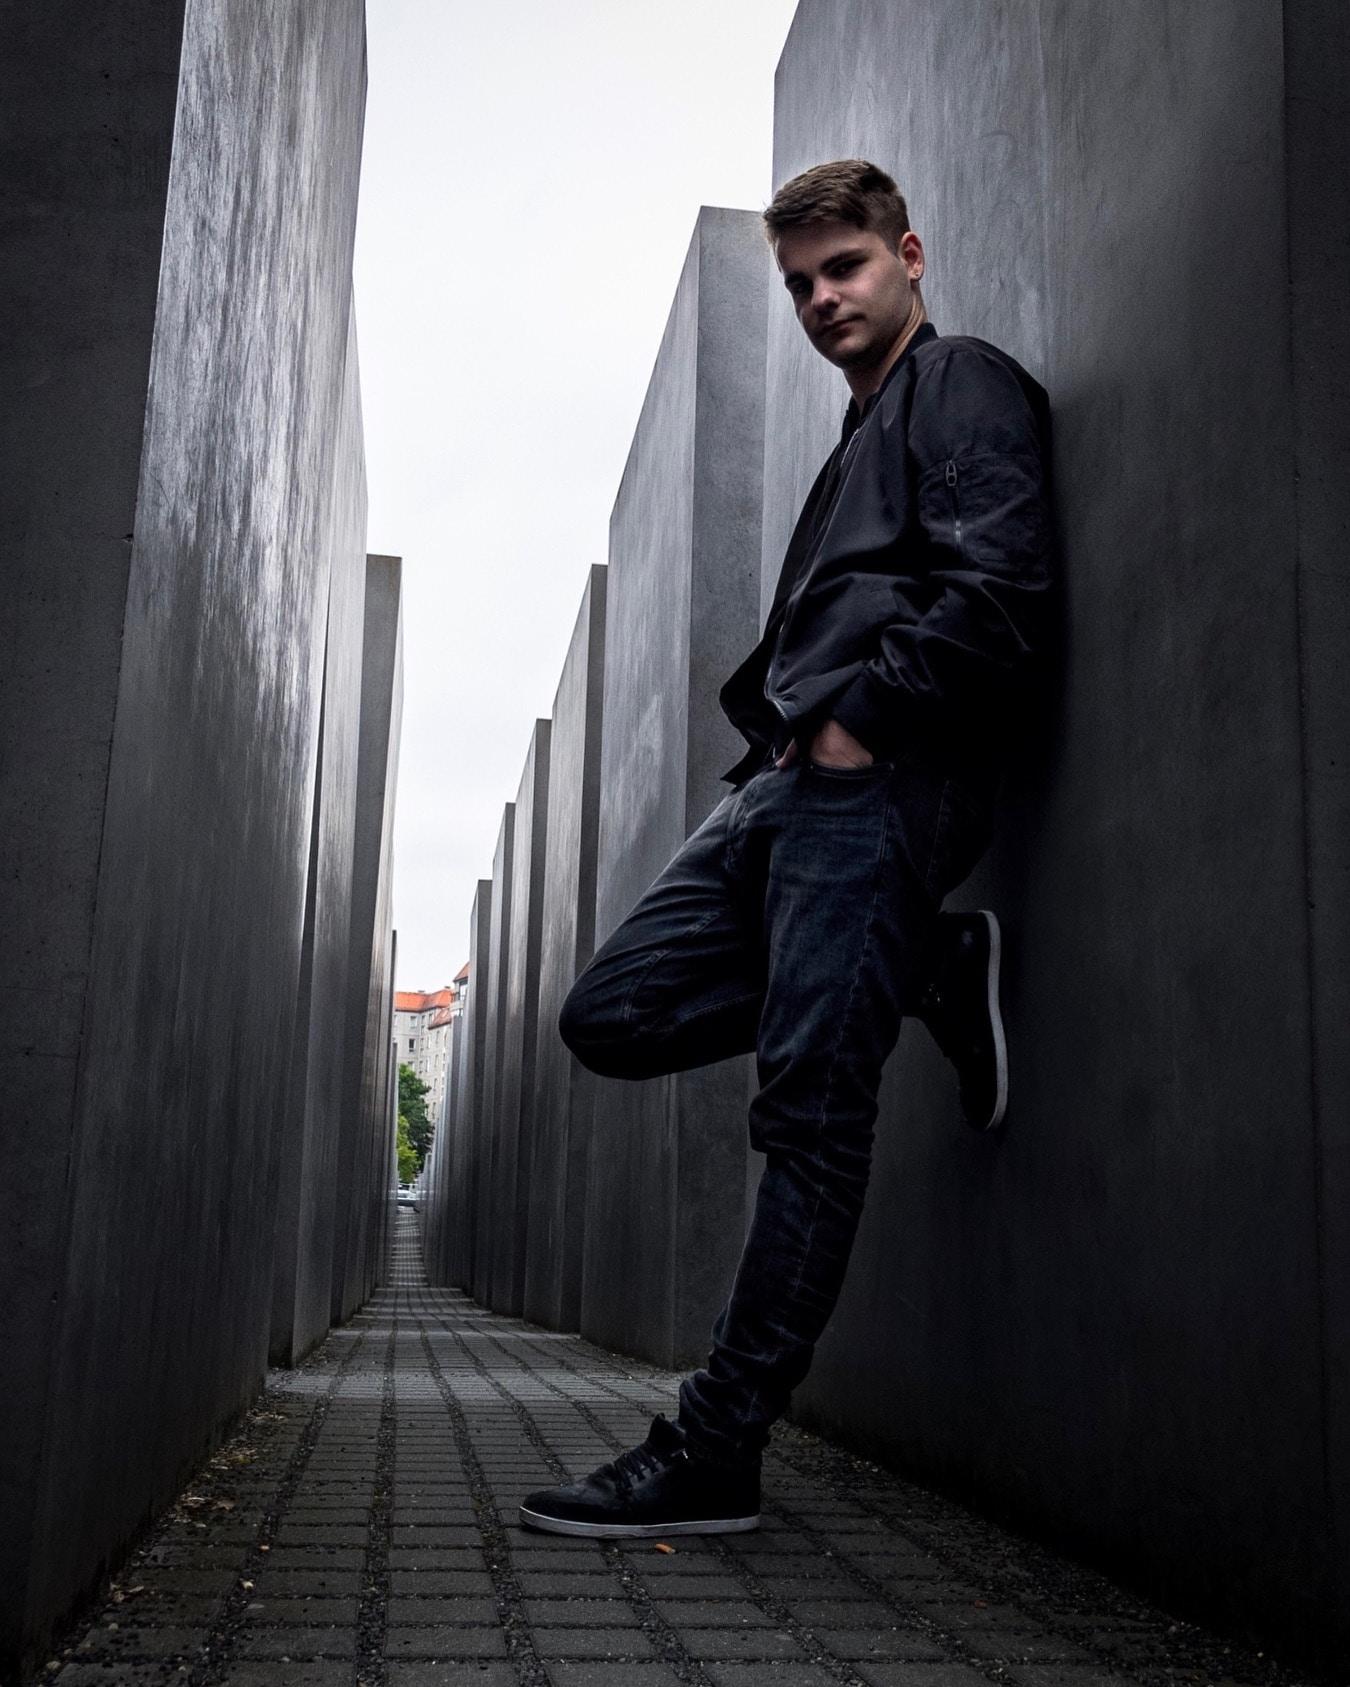 Go to Tilen Dominik Perko's profile